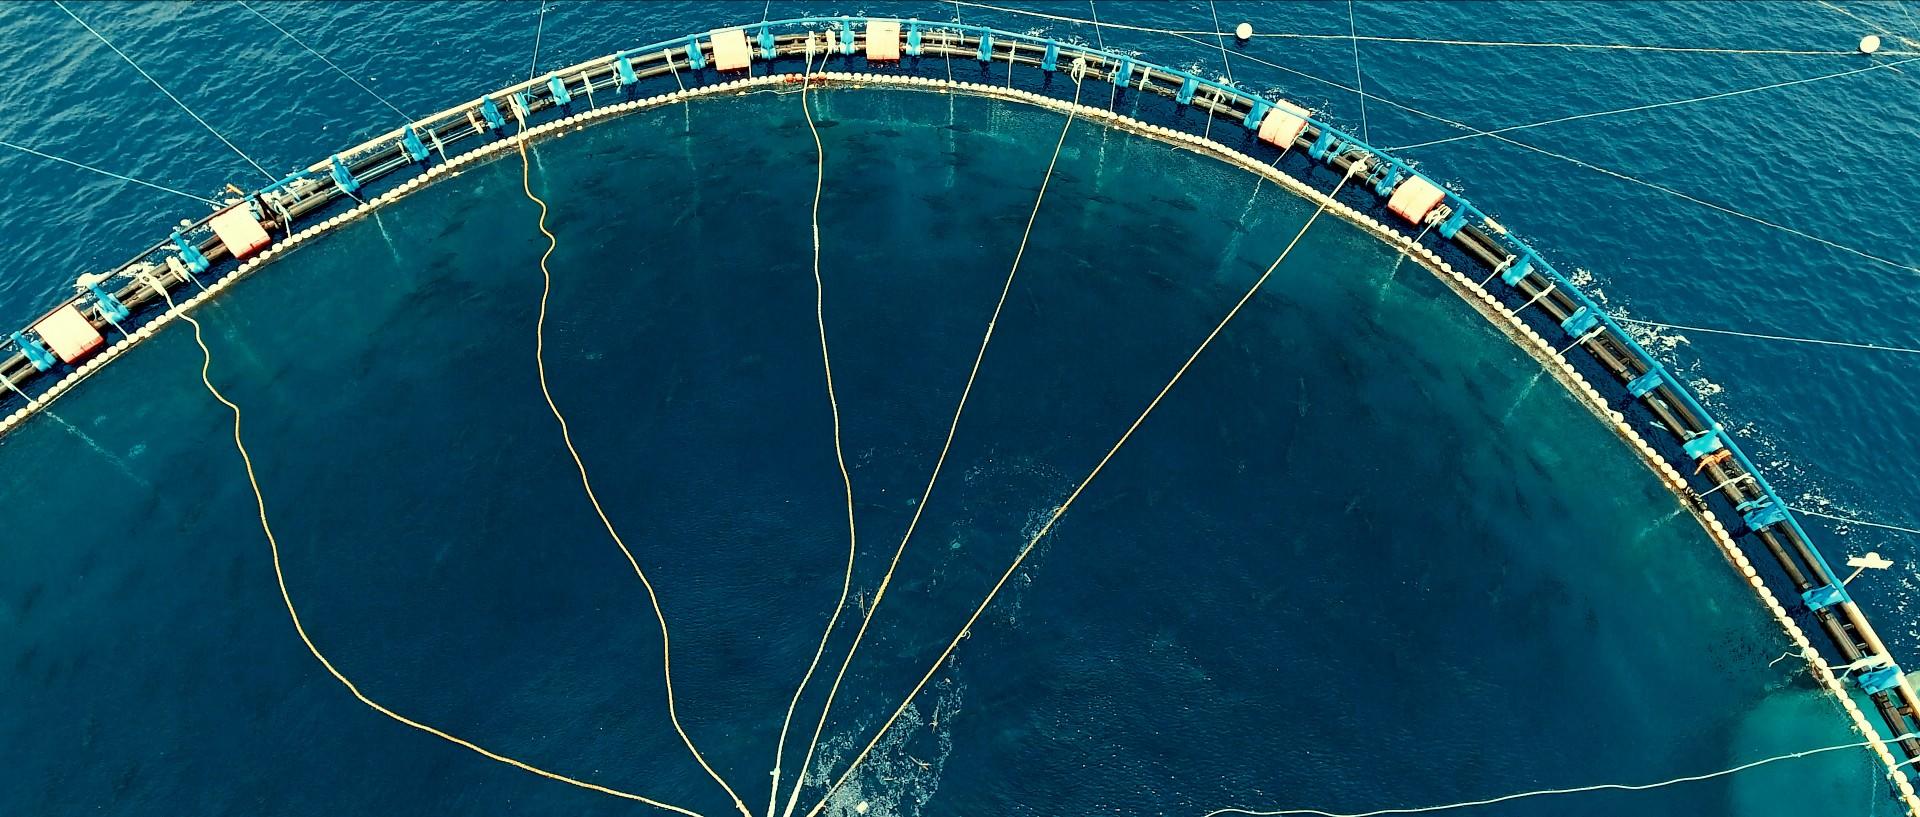 Seaspiracy : 9 infos mises en lumière par le documentaire (et leur véracité) - 3